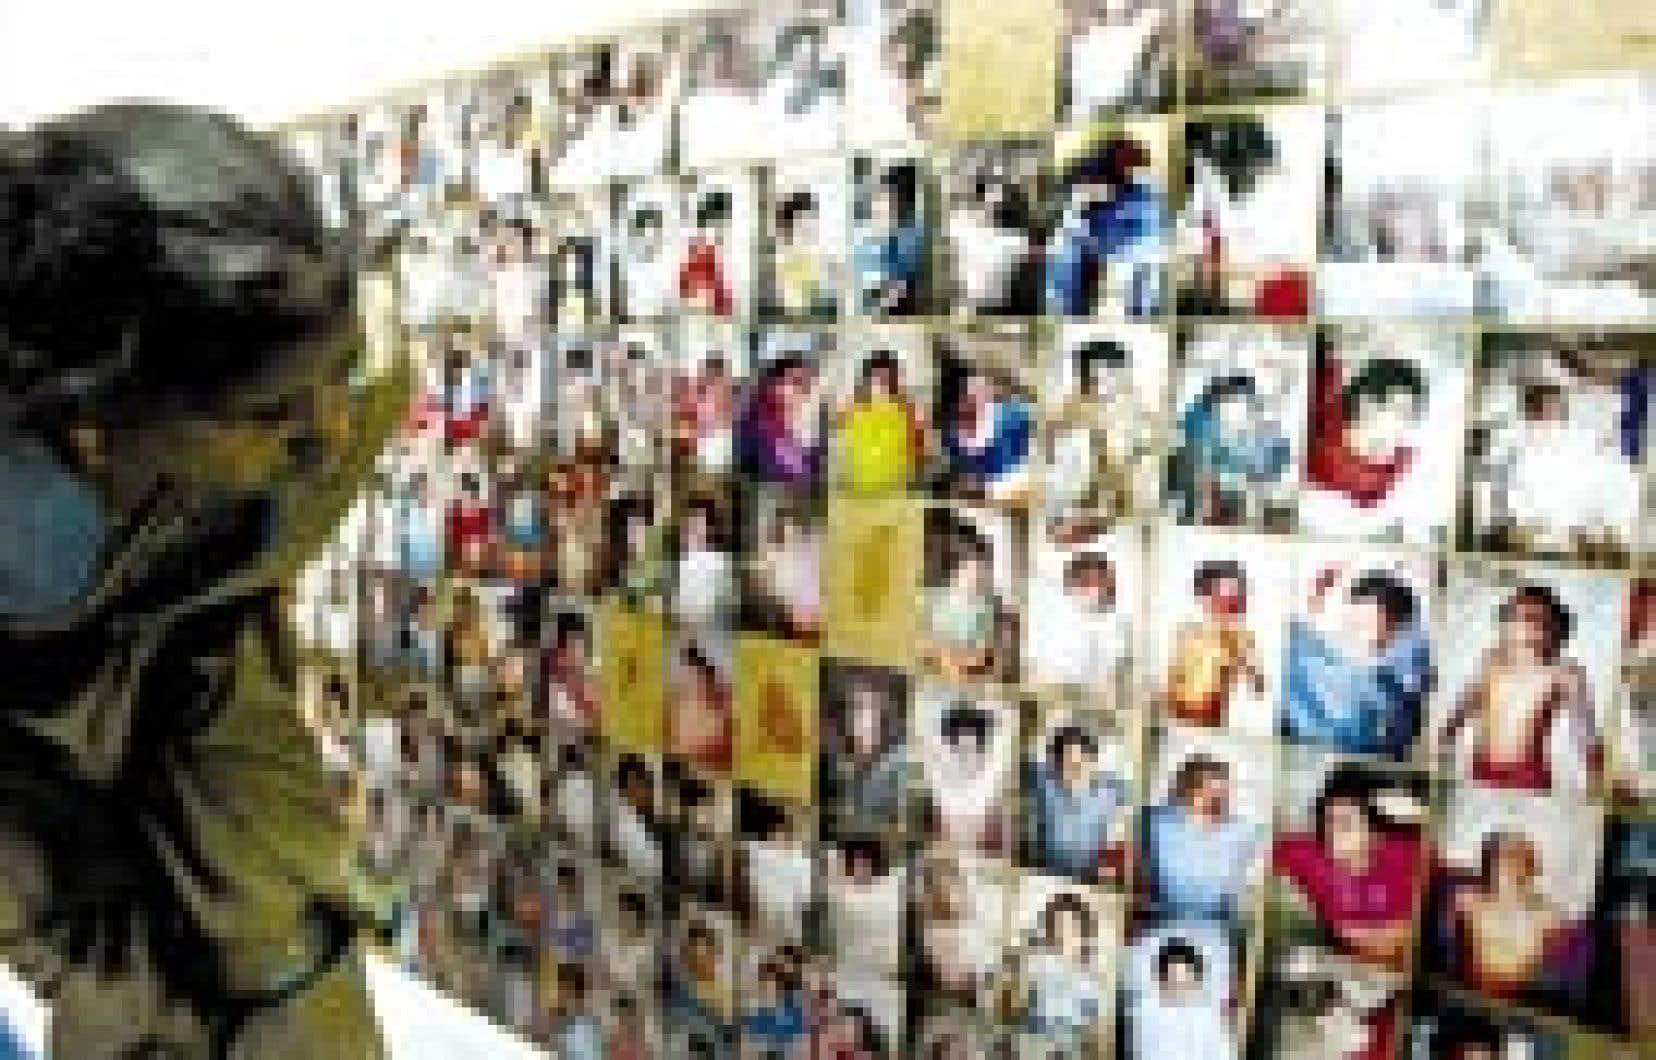 Une survivante des tsunamis meurtriers s'attardait hier près d'un grand tableau, dans le village de Velankani, en Inde, où les autorités avaient affiché les photos de centaines de victimes dans le sud du pays, dévasté par la catastrophe.